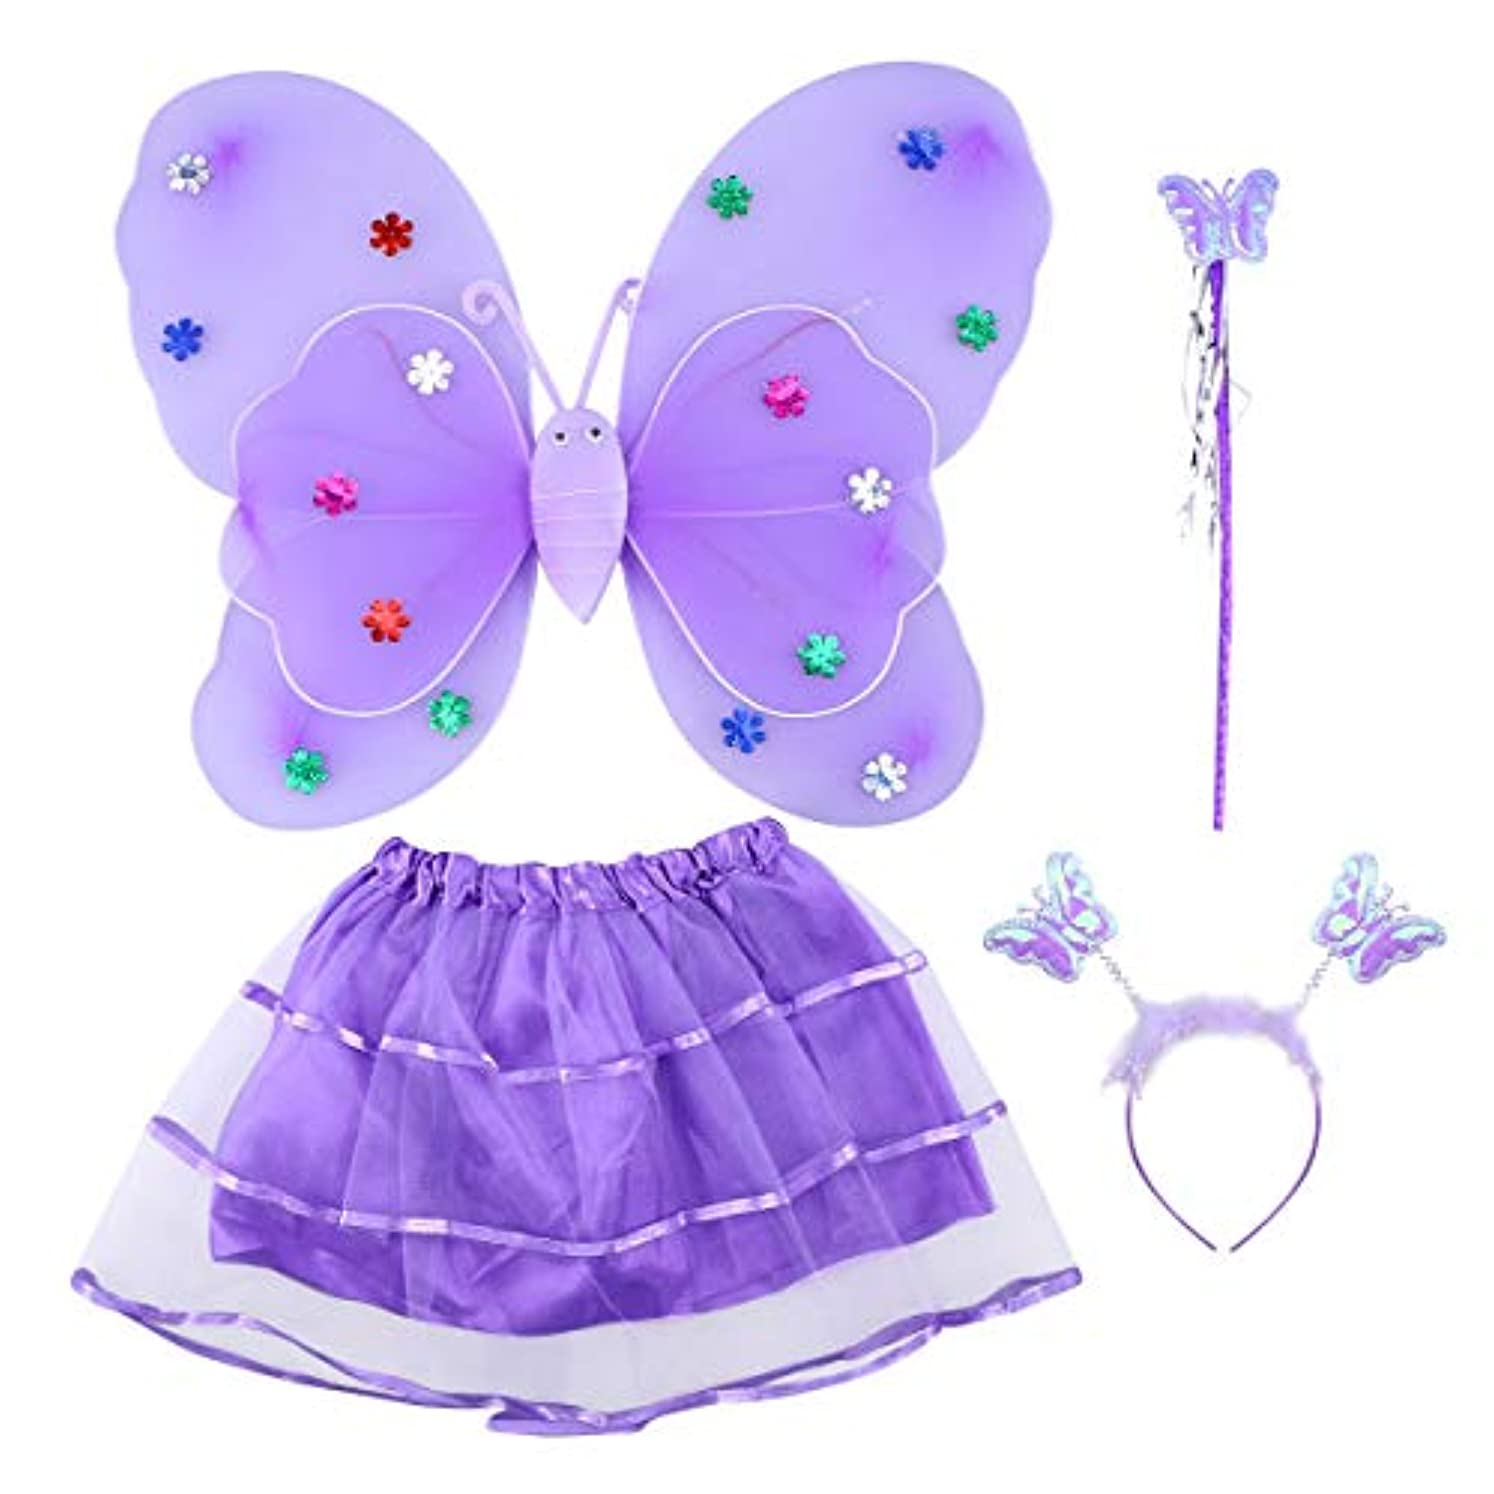 嘆く遠近法早いBESTOYARD 4本の女の子のチュチュスカート蝶の羽の杖LEDライトフェアリーコスチュームセット二重層蝶の羽の杖ヘッドバンドパーティーコスチュームセット(パープル)